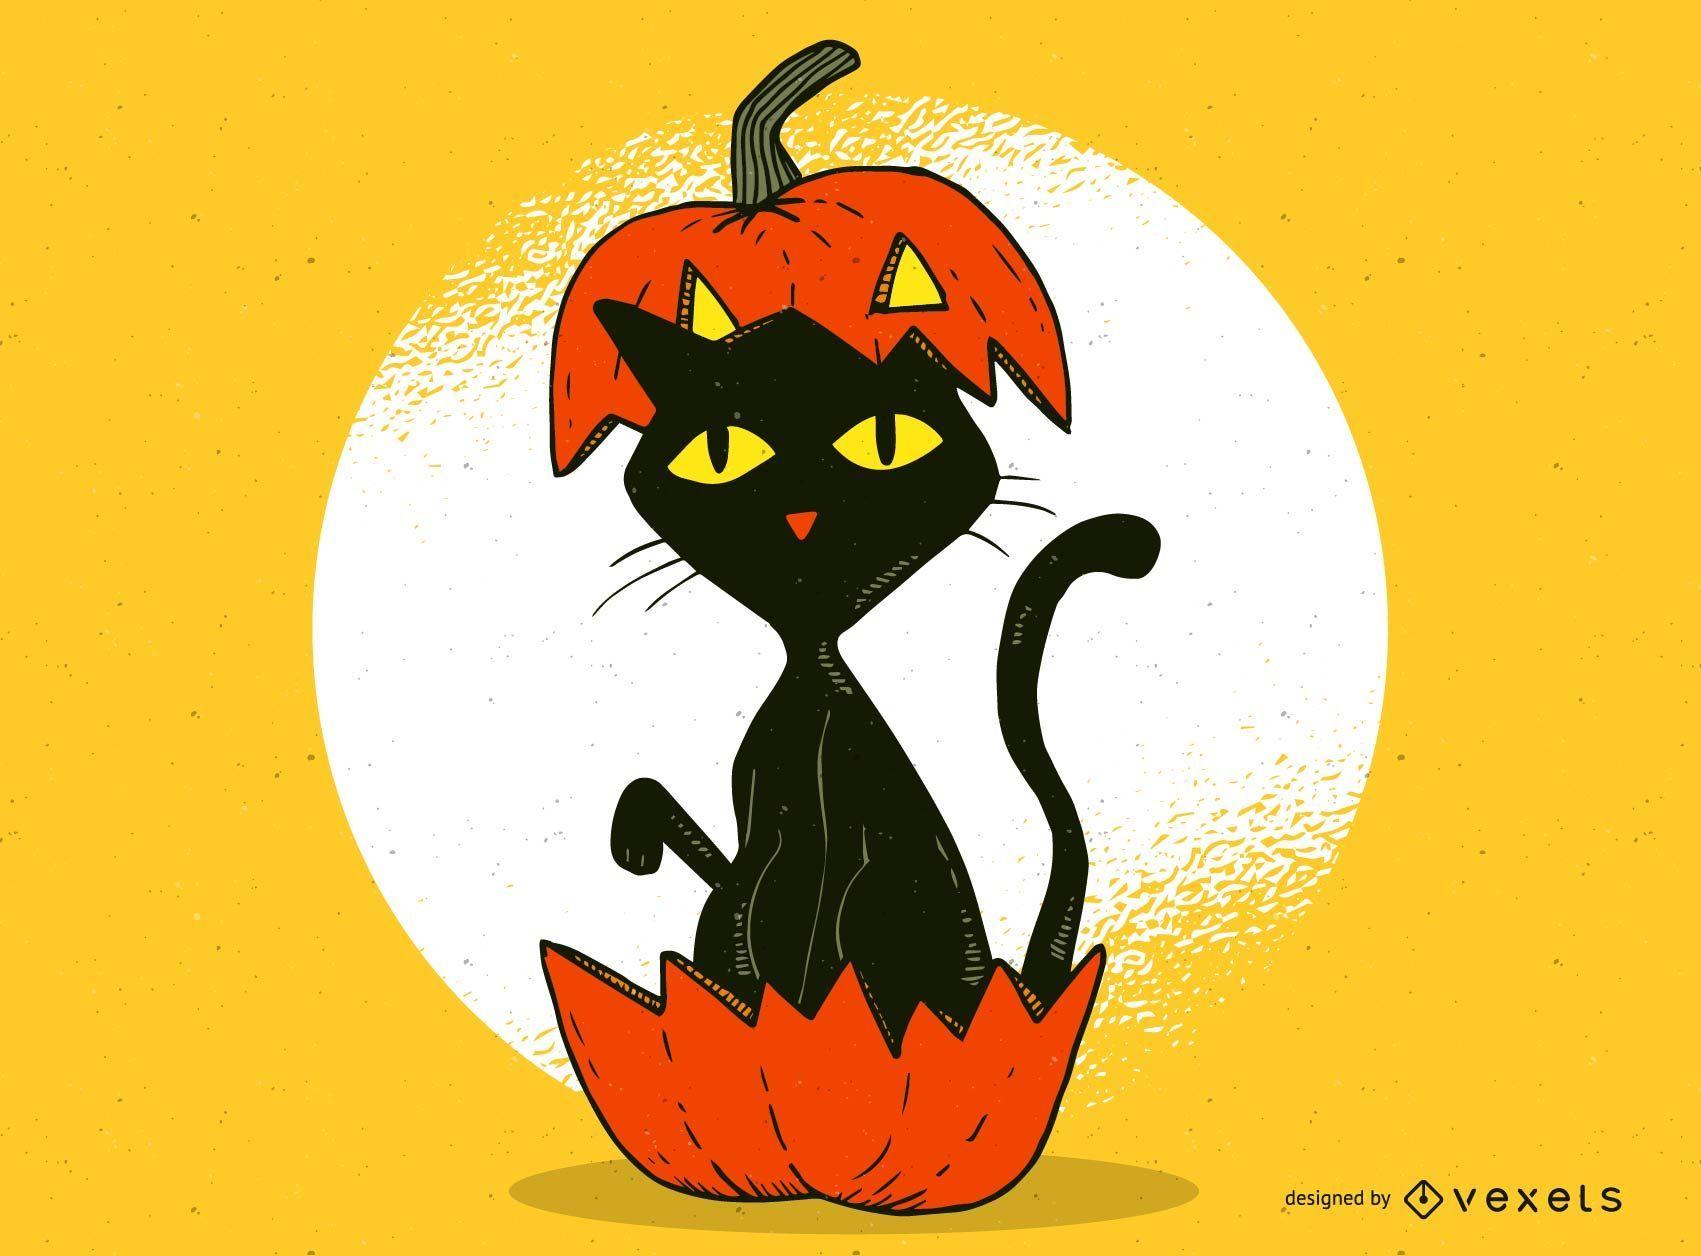 Cat in pumpkin Halloween design